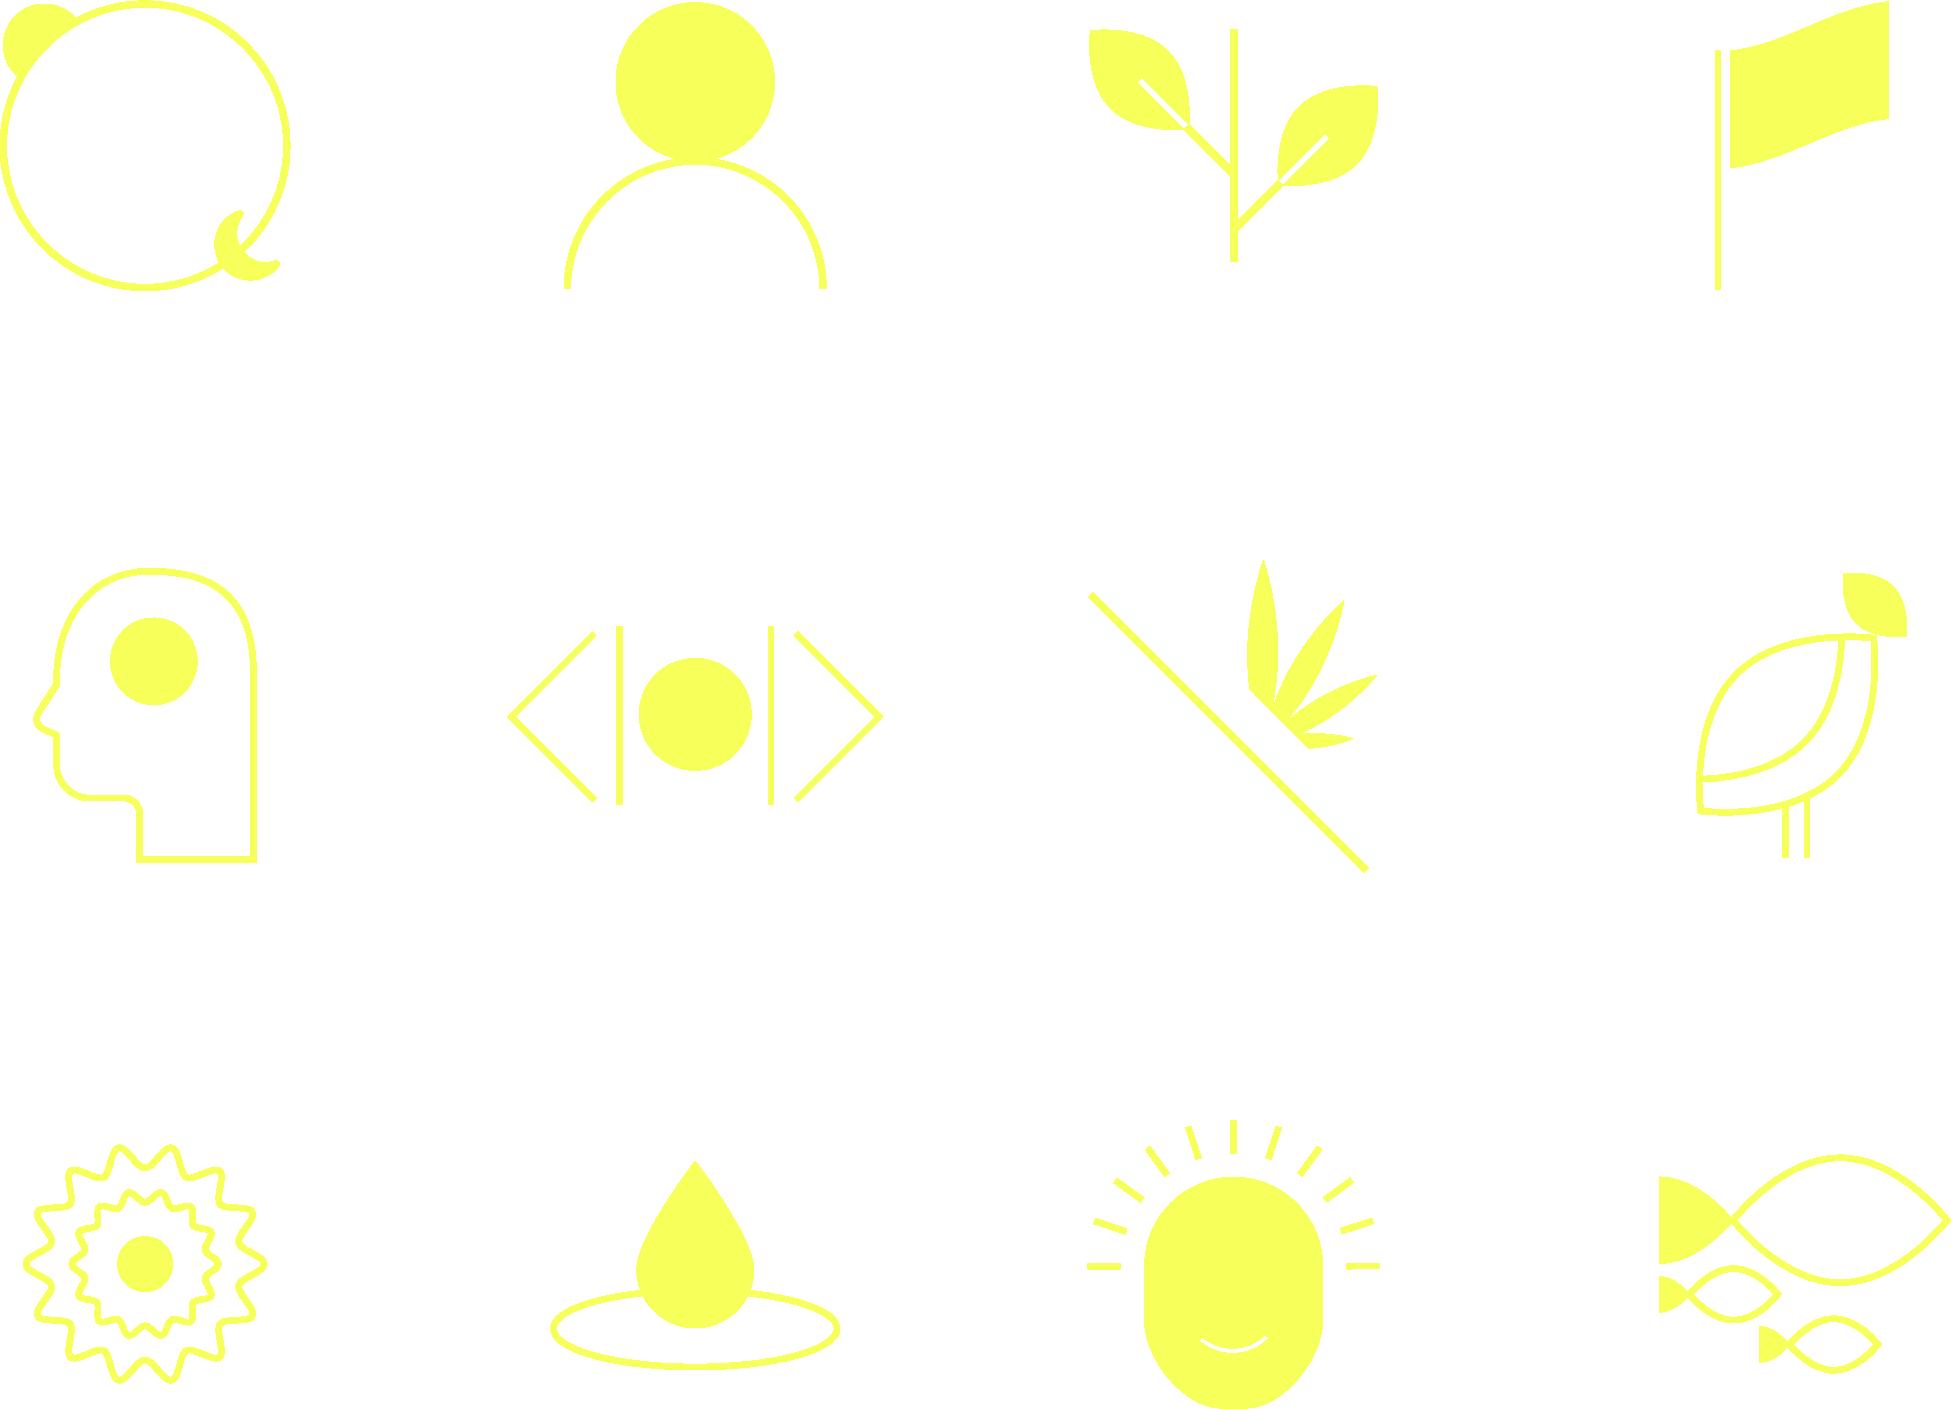 icon-set@2x